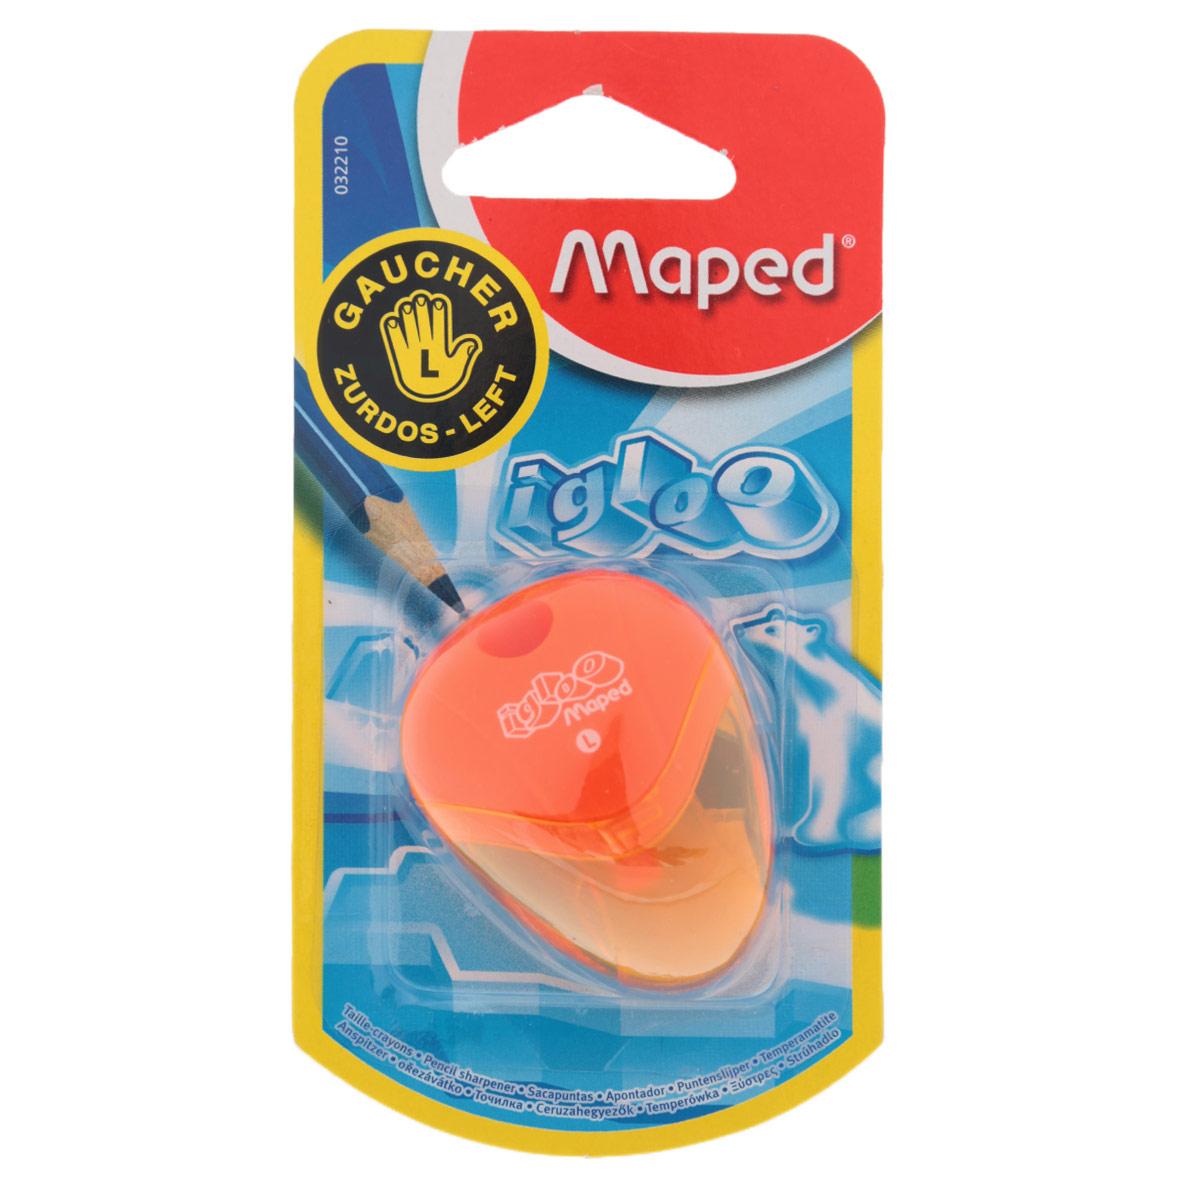 Точилка Maped Igloo, для левшей, цвет: оранжевый32210_оранжевыйТочилка Igloo для левшей с одним отверстием выполнена из ударопрочного пластика. Полупрозрачный контейнер для сбора стружки позволяет визуально контролировать уровень заполнения и вовремя производить очистку. Подходит как для школы, так и для офиса. Рекомендовано детям старше трех лет.